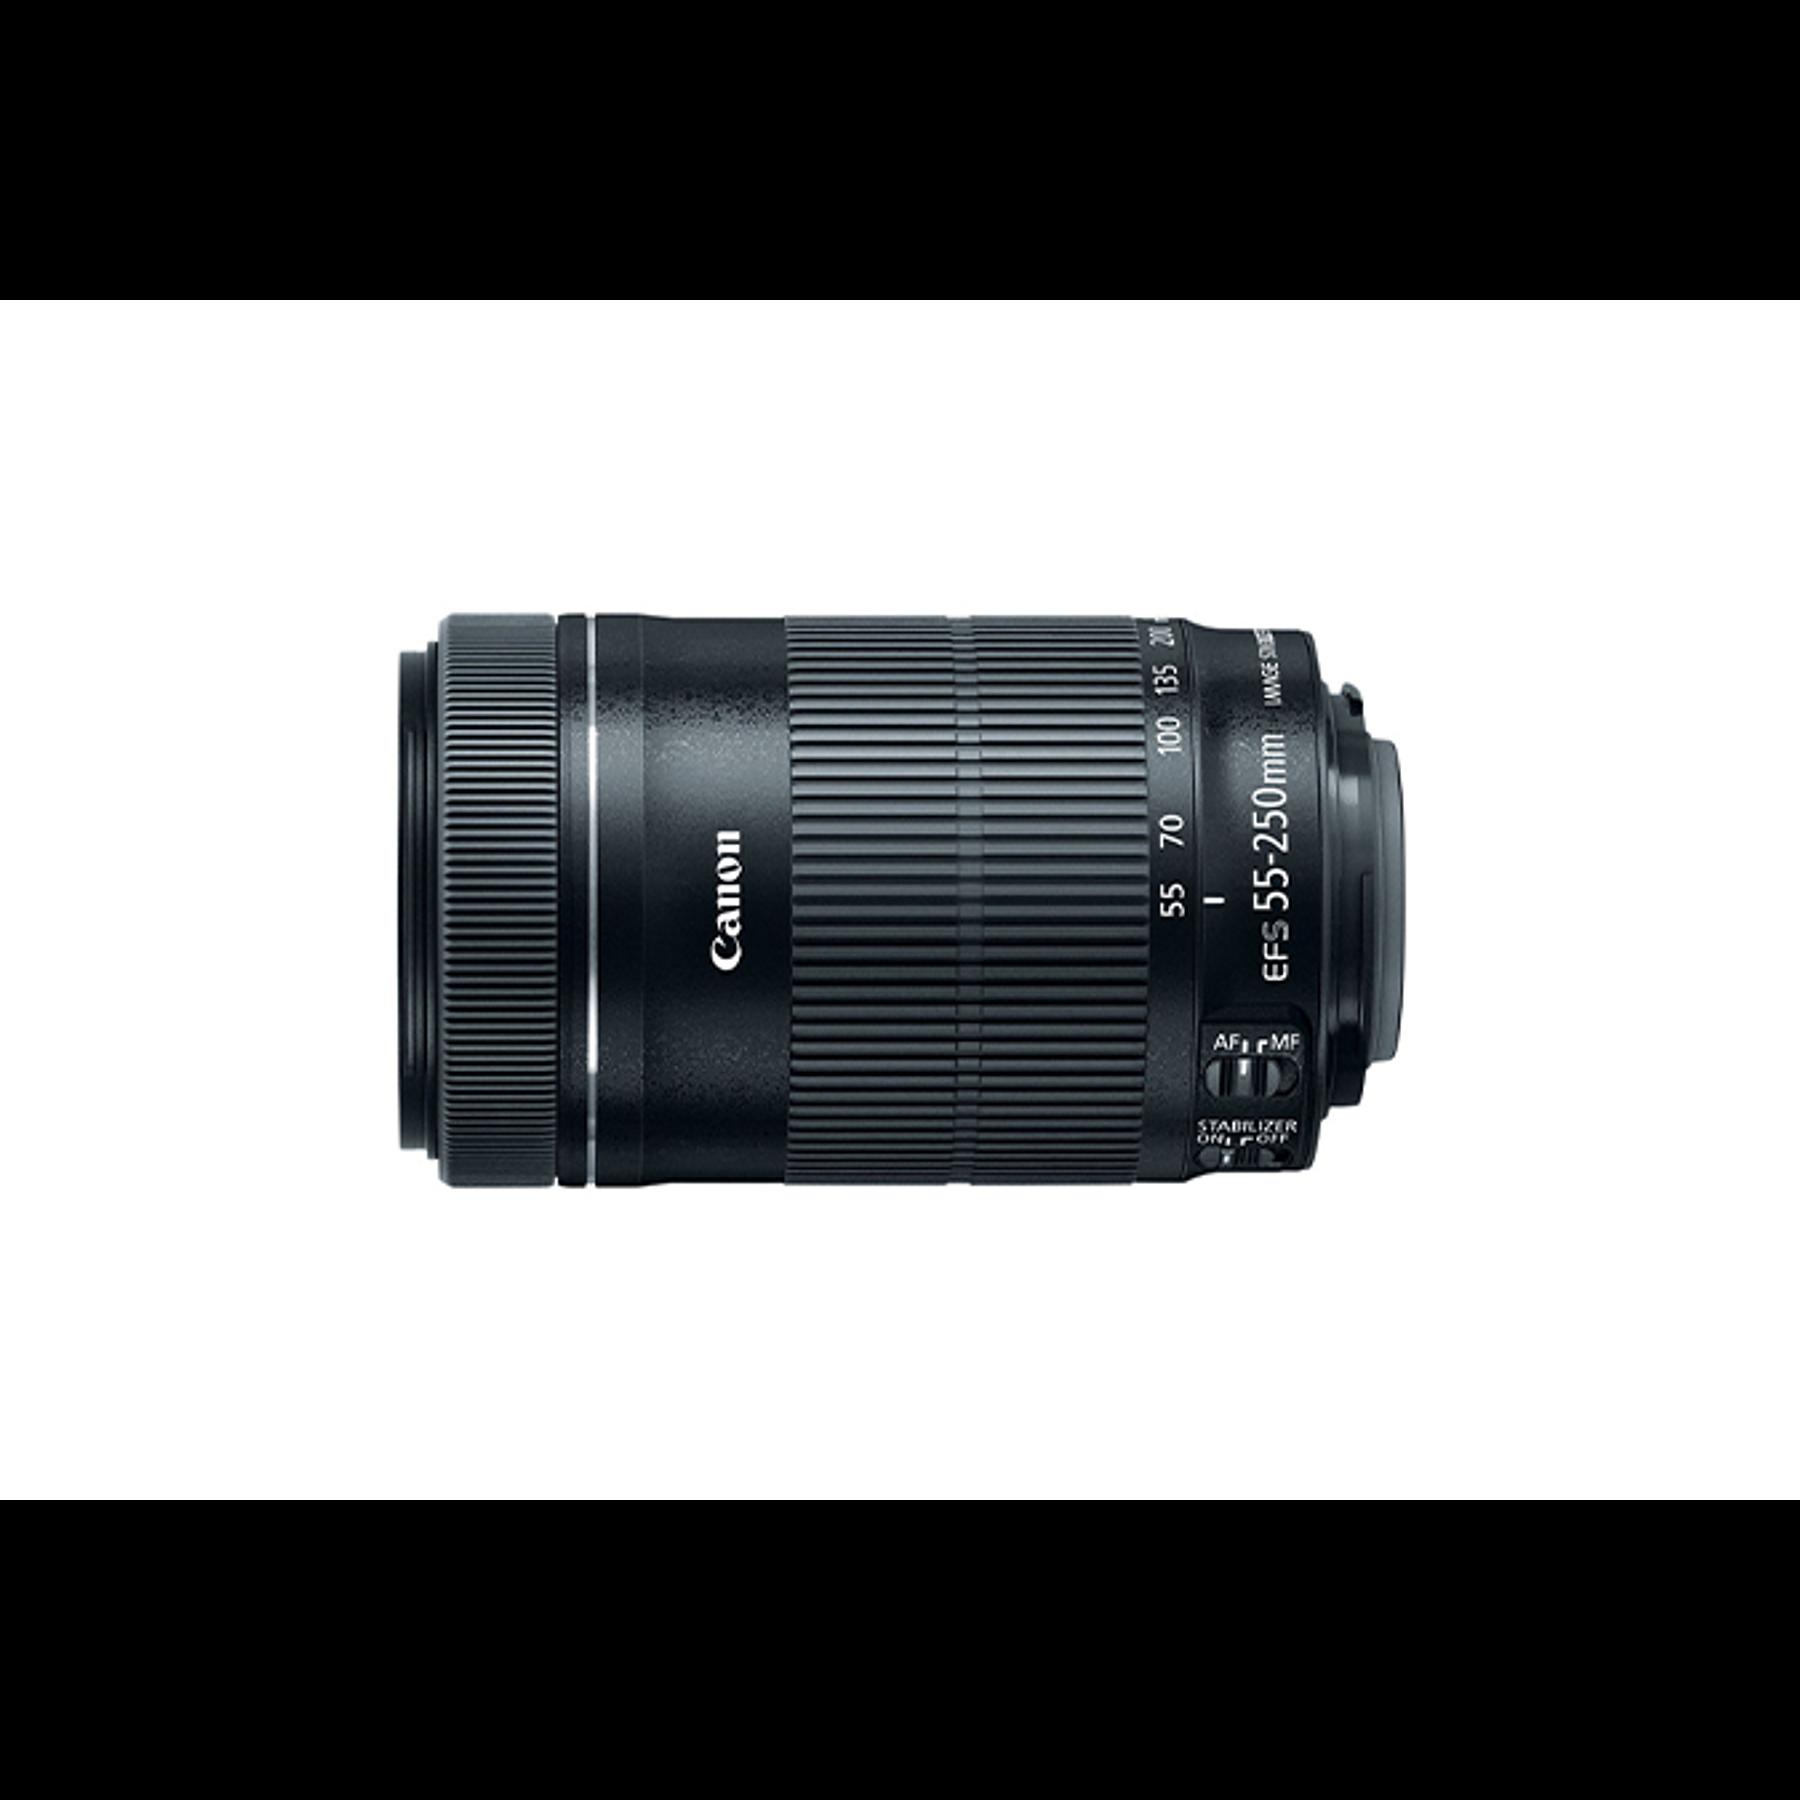 EF-S 55-250mm f4-5.6 IS STM